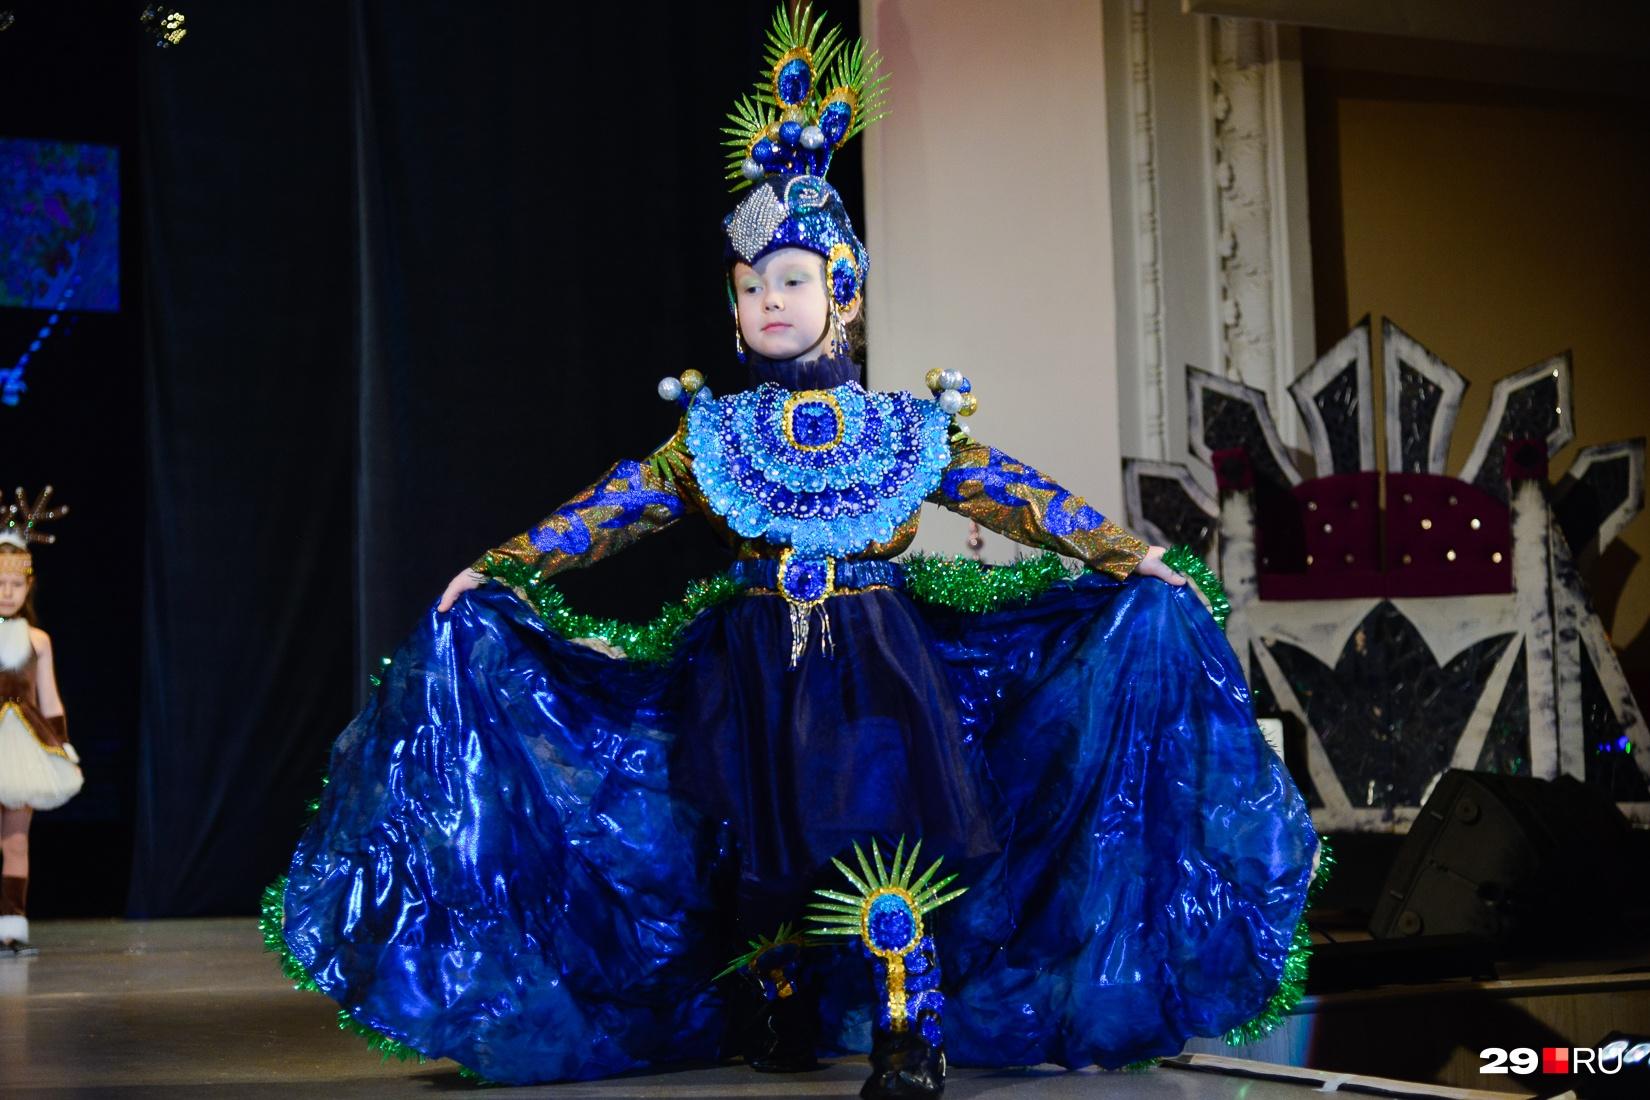 Этот костюм павлина был признан одним из лучших на конкурсе